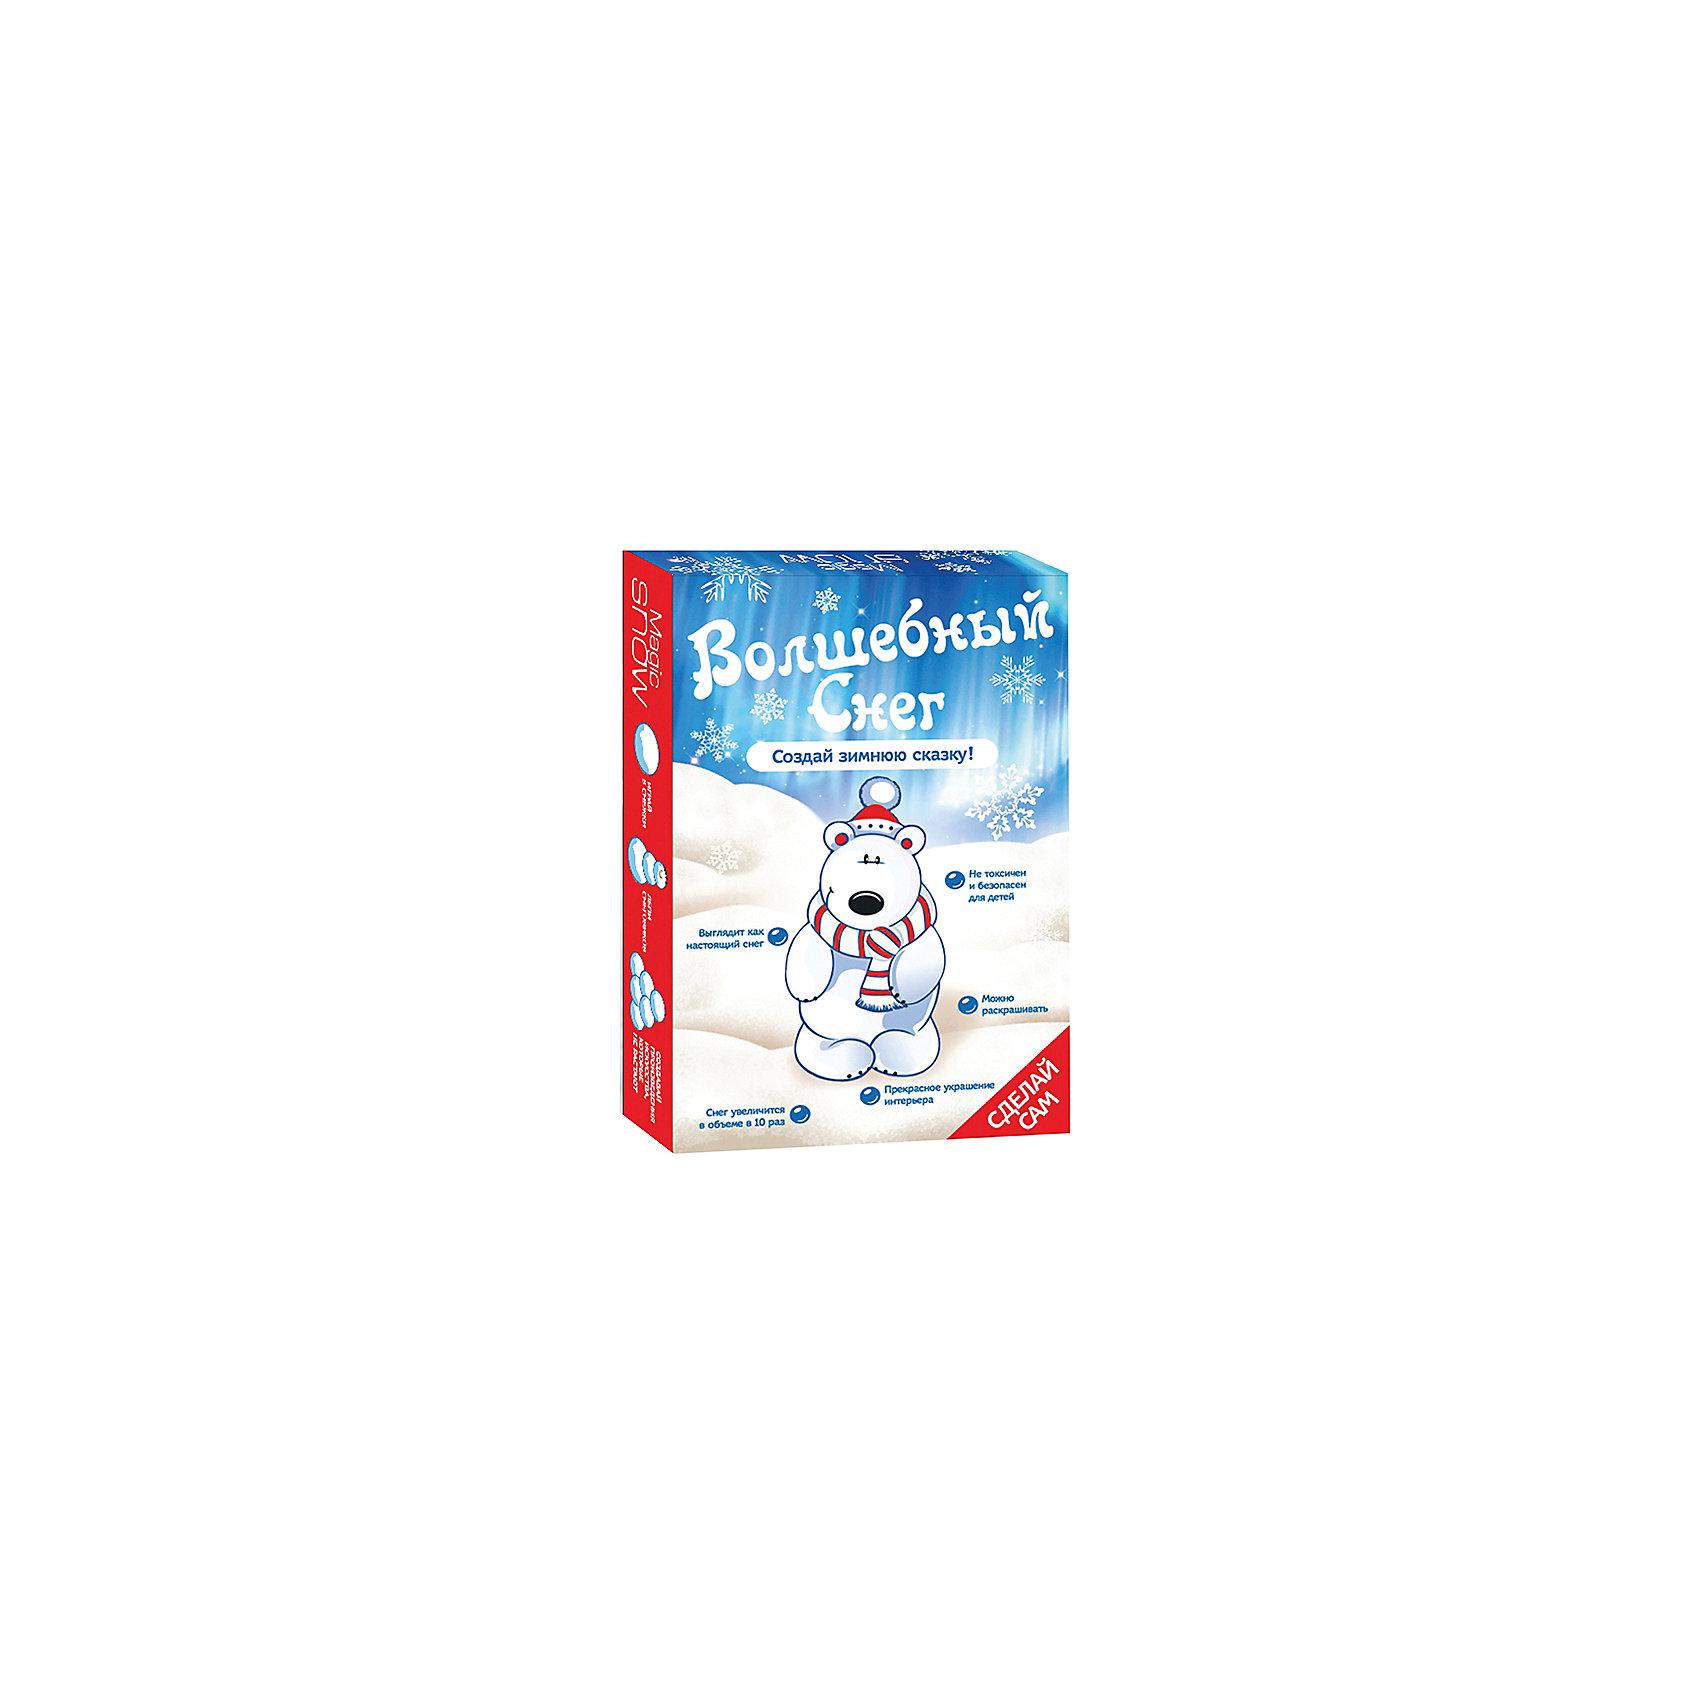 Волшебный снег Создай зимнюю сказку - Мишка БумбарамВсё для праздника<br>Волшебный снег Мишка, Бумбарам.<br><br>Характеристики:<br><br>• очень похож на настоящий снег<br>• подходит для украшения помещения<br>• можно красить <br>• полностью безопасен<br>• в комплекте: 4 пакетика порошка, лопатка, инструкция<br>• материал: полимер<br>• размер упаковки: 10х7х2 см <br>• вес: 45 грамм<br><br>Волшебный снег Мишка поможет создать настоящую зимнюю атмосферу в доме. Искусственный снег почти не отличается от настоящего: он влажный, рассыпчатый и прохладный. Для приготовления нужно добавить воду в порошок и тщательно перемешать. Получившимся снегом можно украсить помещение, елочку или новогодние сувениры.<br><br>Волшебный снег Мишка, Бумбарам вы можете купить в нашем интернет-магазине.<br><br>Ширина мм: 100<br>Глубина мм: 70<br>Высота мм: 20<br>Вес г: 45<br>Возраст от месяцев: 168<br>Возраст до месяцев: 240<br>Пол: Унисекс<br>Возраст: Детский<br>SKU: 5054031